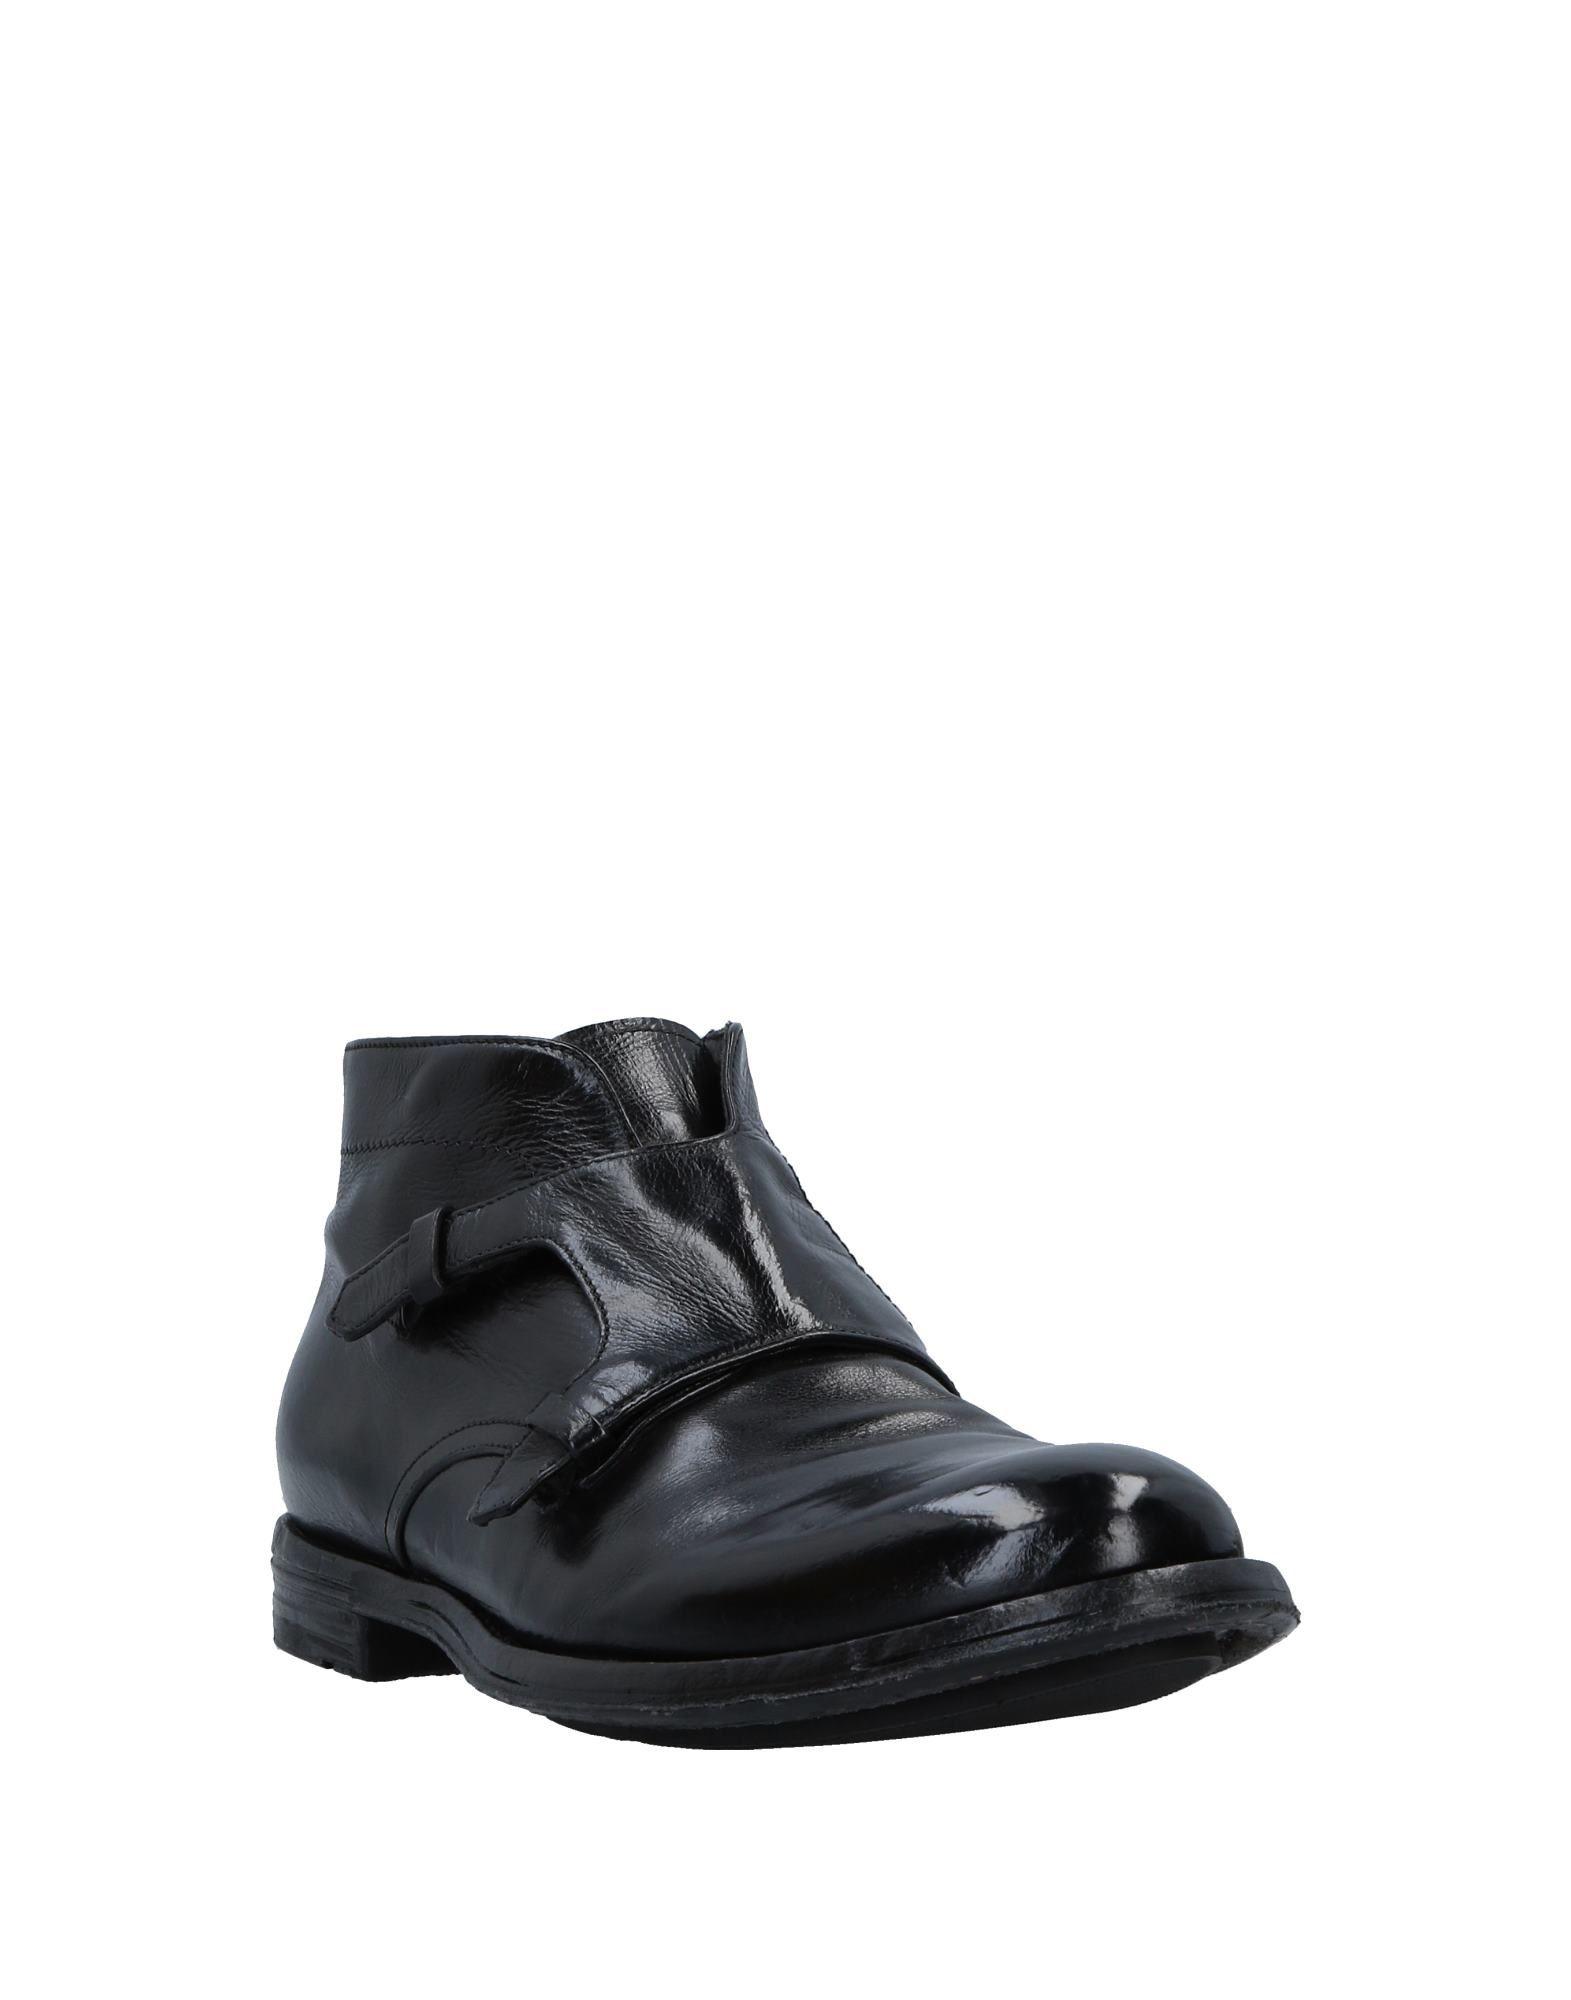 Officine Creative Italia Stiefelette Herren Herren Stiefelette  11521294FH Neue Schuhe 51a281